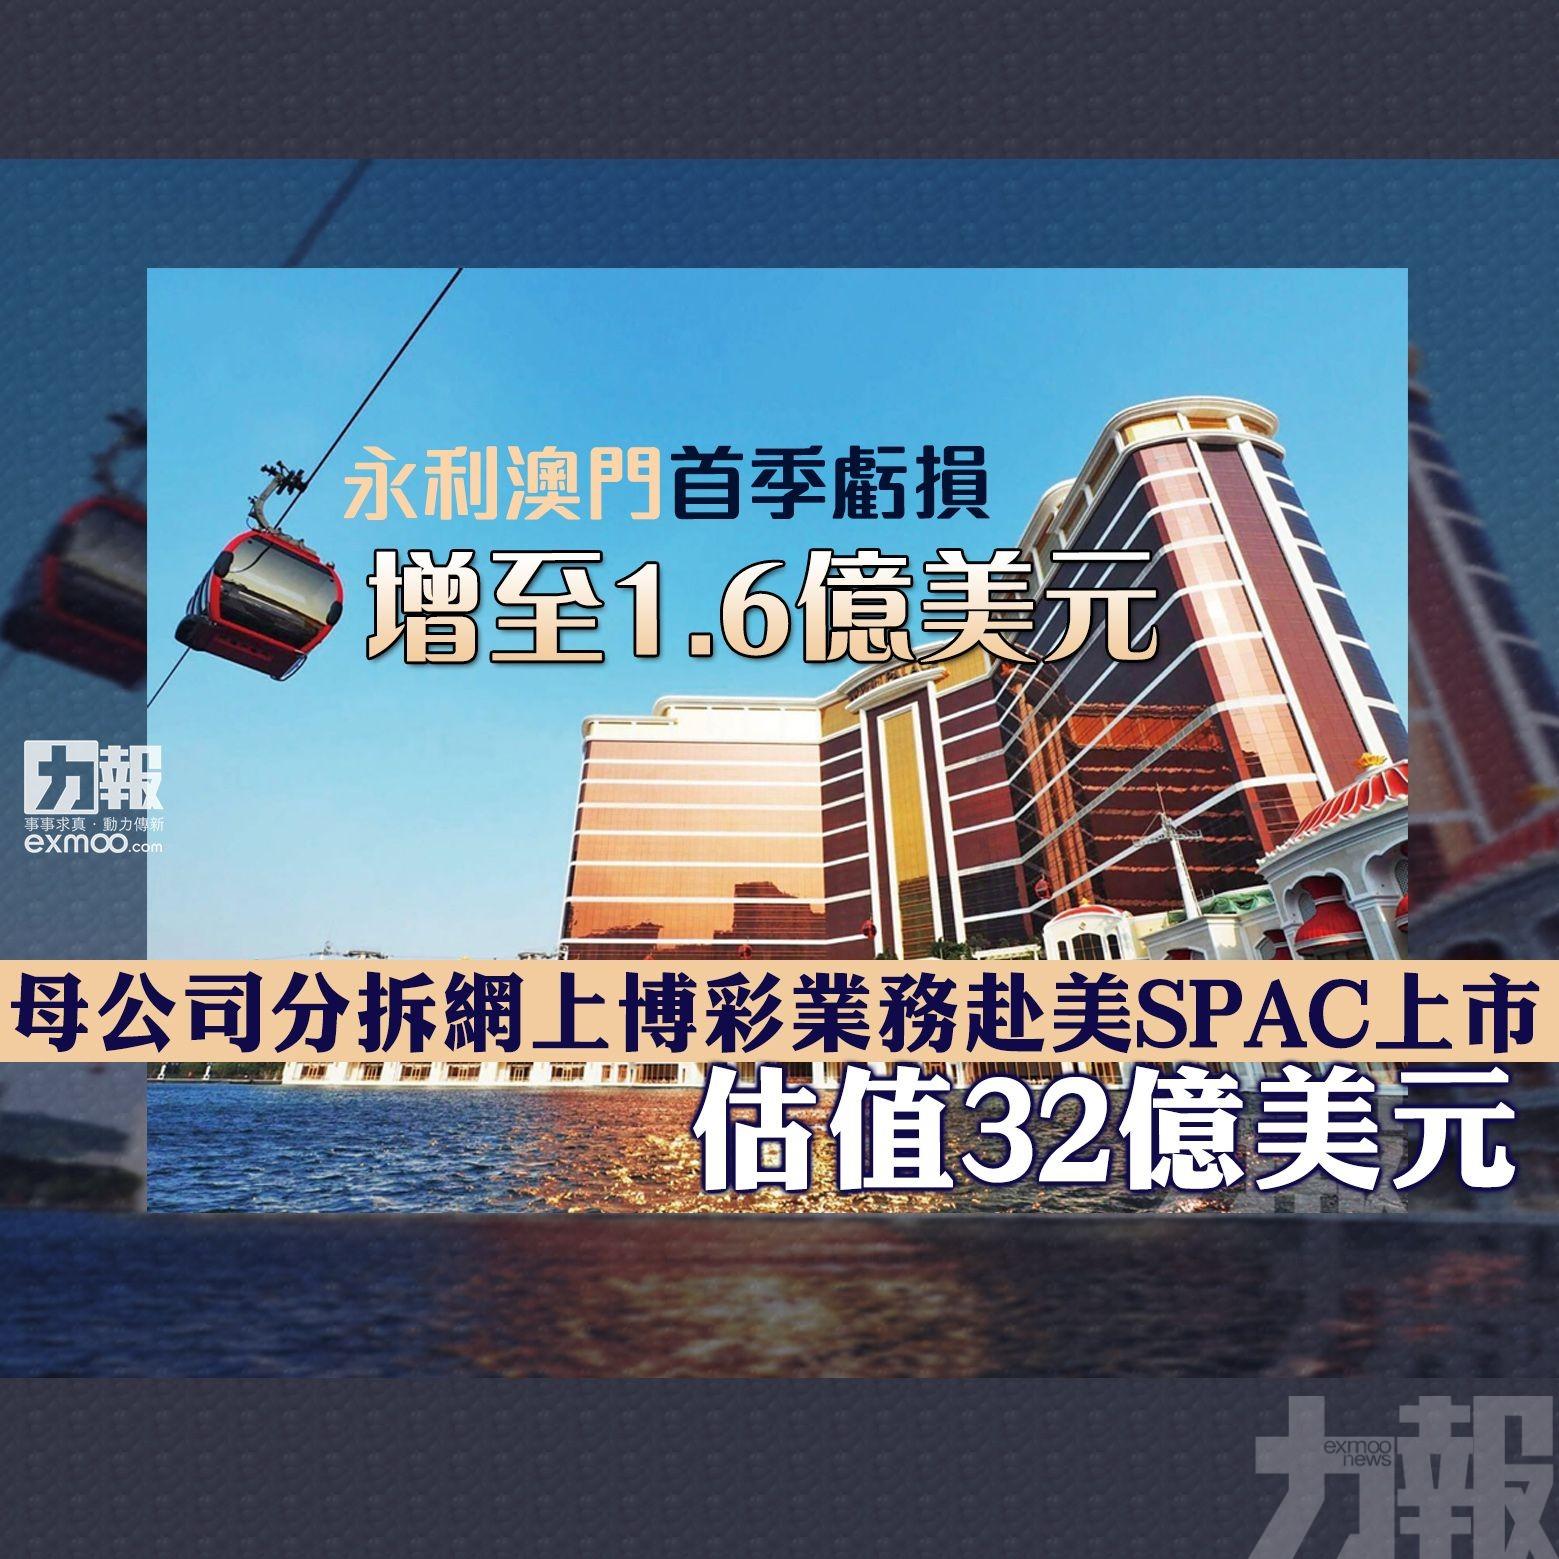 母公司分拆網上博彩業務赴美SPAC上市估值32億美元